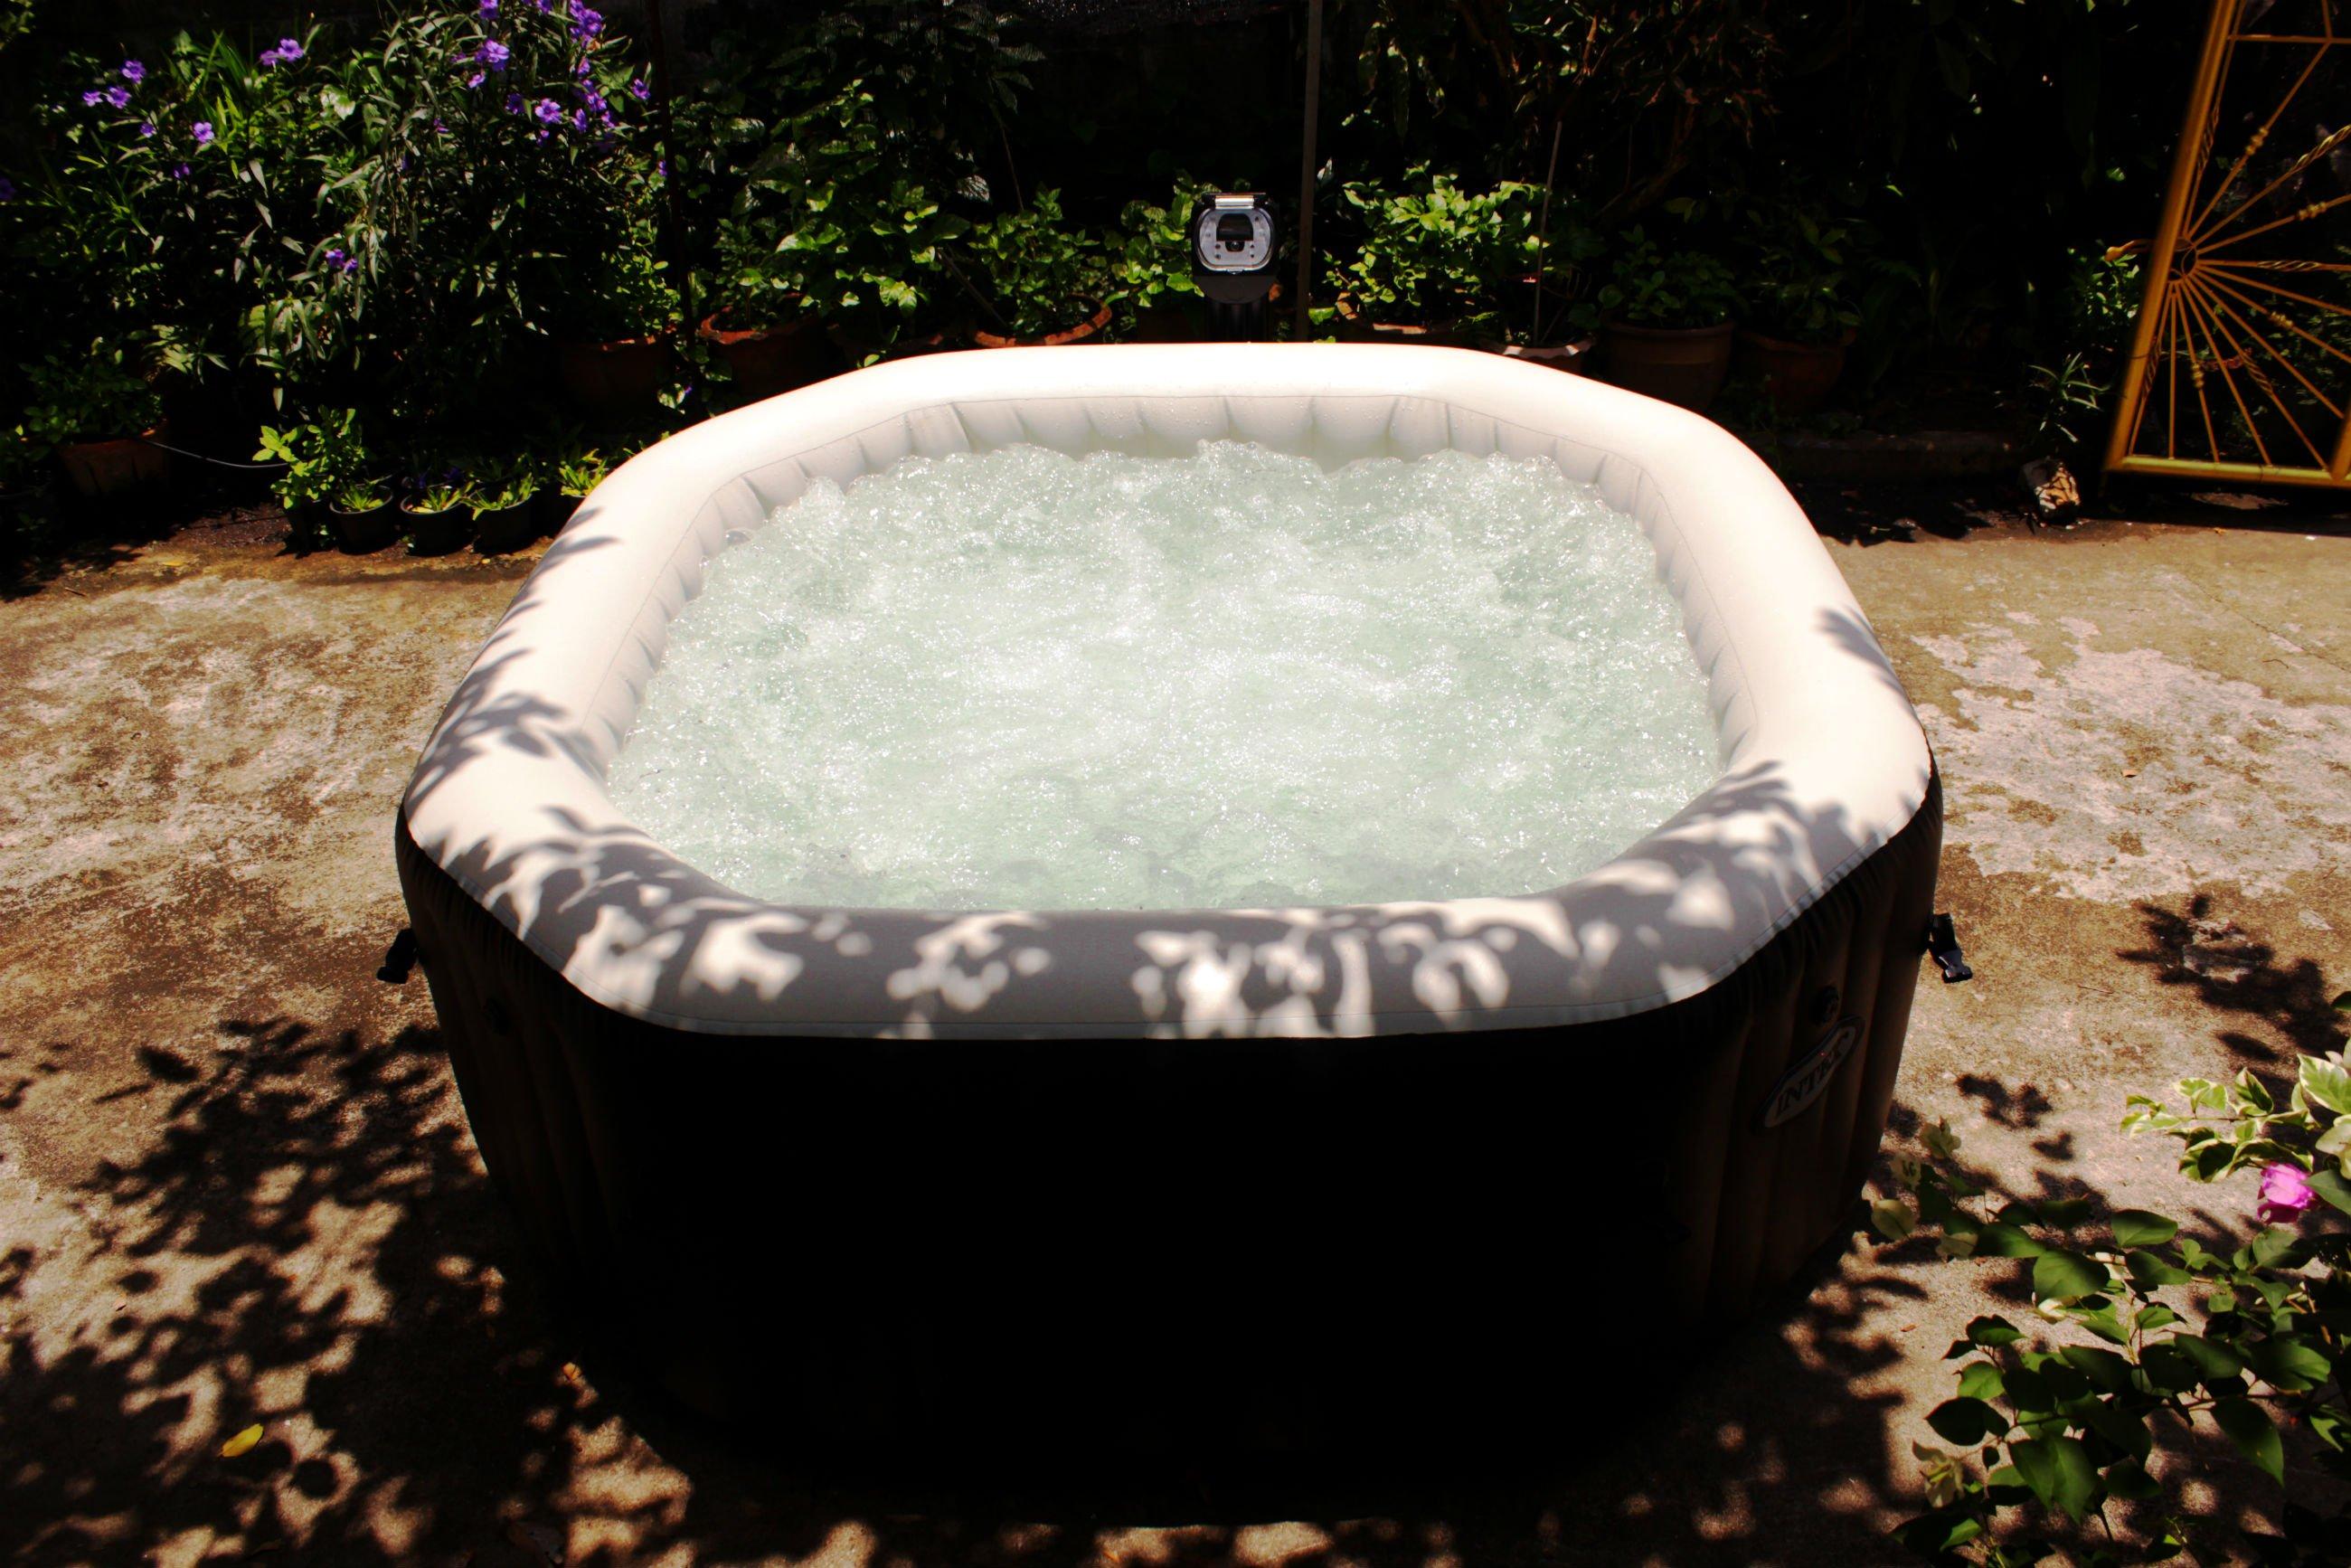 อ่างนอกบ้าน อ่างน้ำร้อนนอกบ้าน อ่างน้ำจากุซซี่ภายนอกบ้าน อ่างหน้าบ้าน อ่างน้ำหน้าระเบียง อ่างน้ำร้อนจากุซซี่นอกระเบียง อ่างน้ำร้อนจากุซซี่ภายนอกบ้าน อ่างน้ำวน อ่างน้ำวนจากุซซี่เคลื่อนที่ อ่างน้ำร้อน Pure Spa จากุซซี่สปา จากุซซี่ในบ้าน จากุซซี่นอกบ้าน จากุซซี่สนามหญ้า จากุซซี่สำหรับโครงการบ้าน จากุซซี่ราคาถูก แช่น้ำในอ่างบนดาดฟ้า อ่างน้ำจากุชชี่ อ่างน้ำวน INTEX สระน้ำเคลือ่นที่